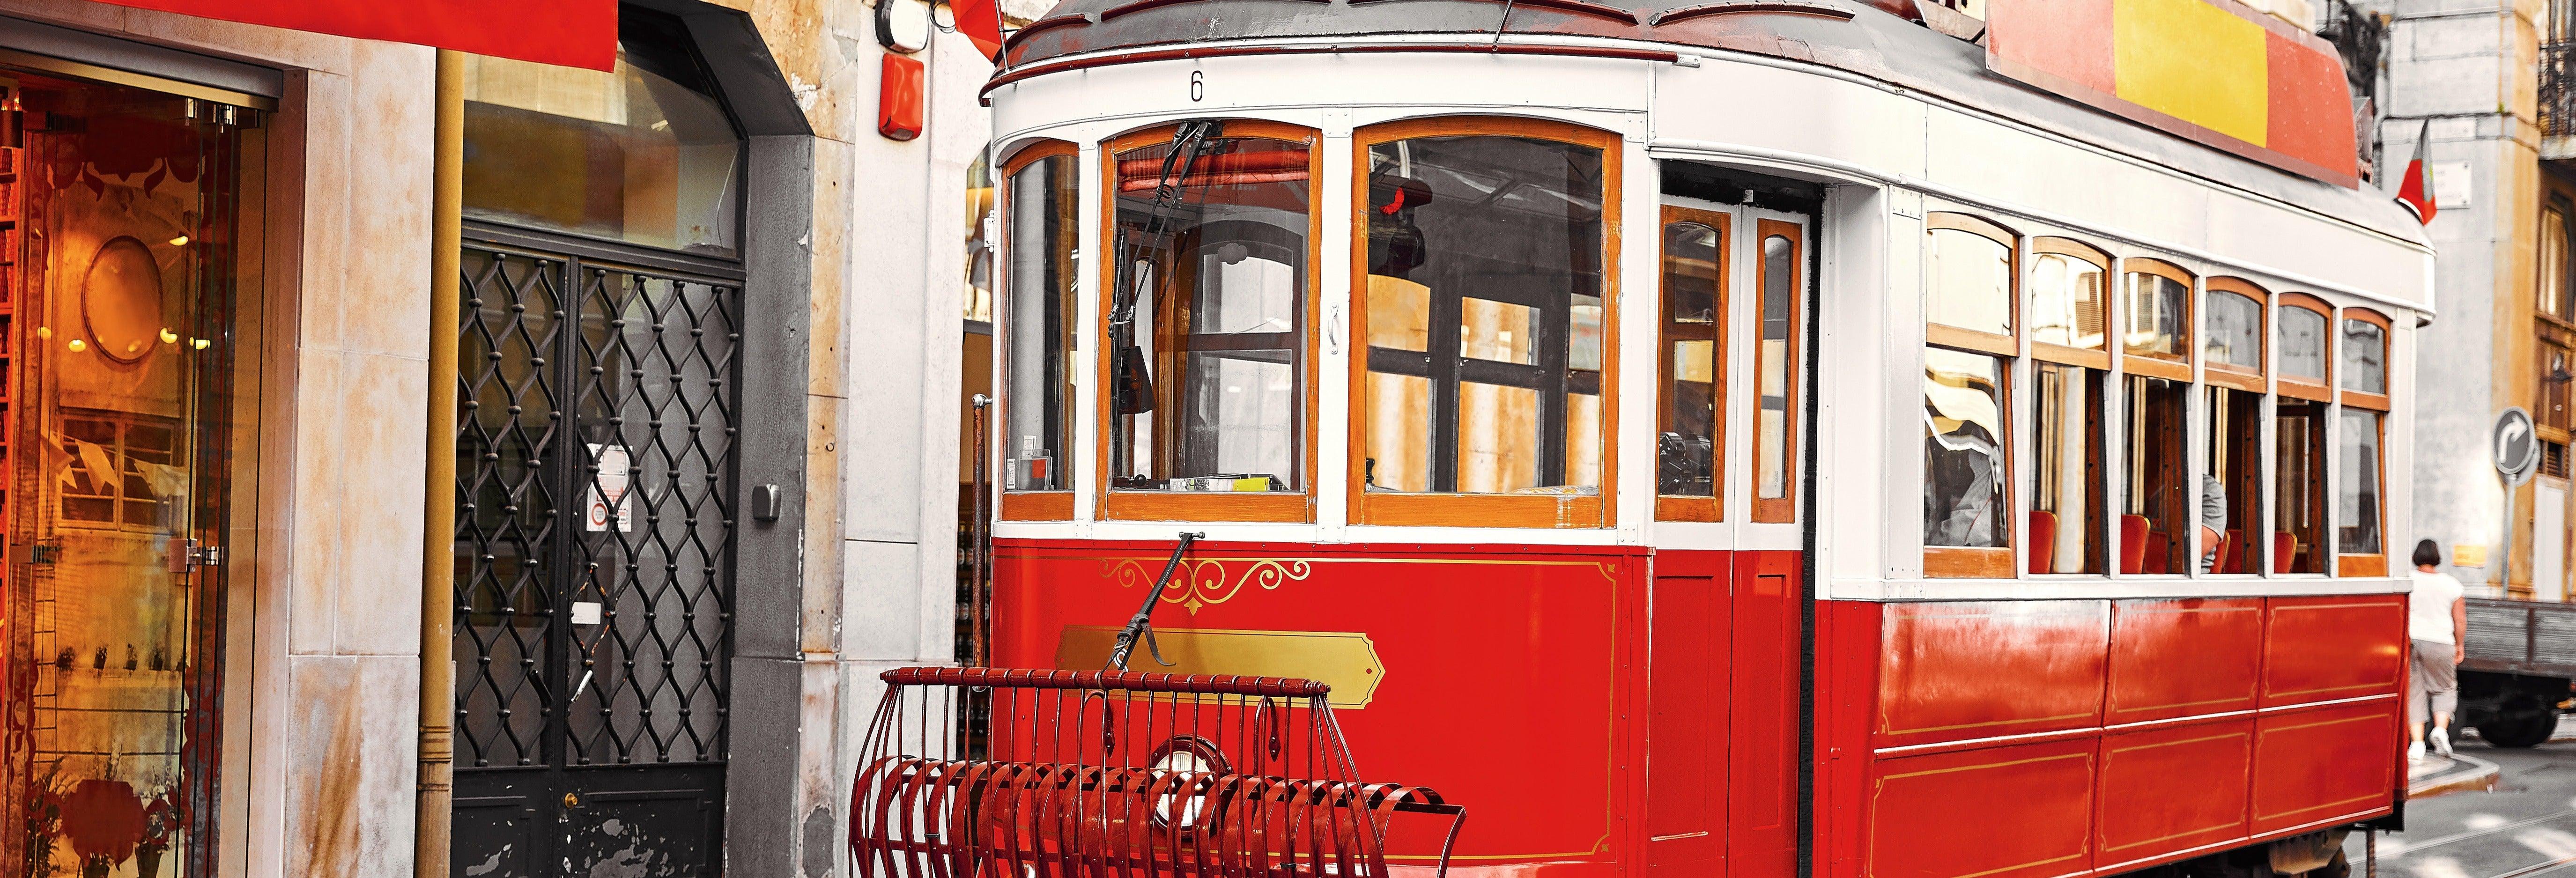 Lisbon Hills Tramcar Tour